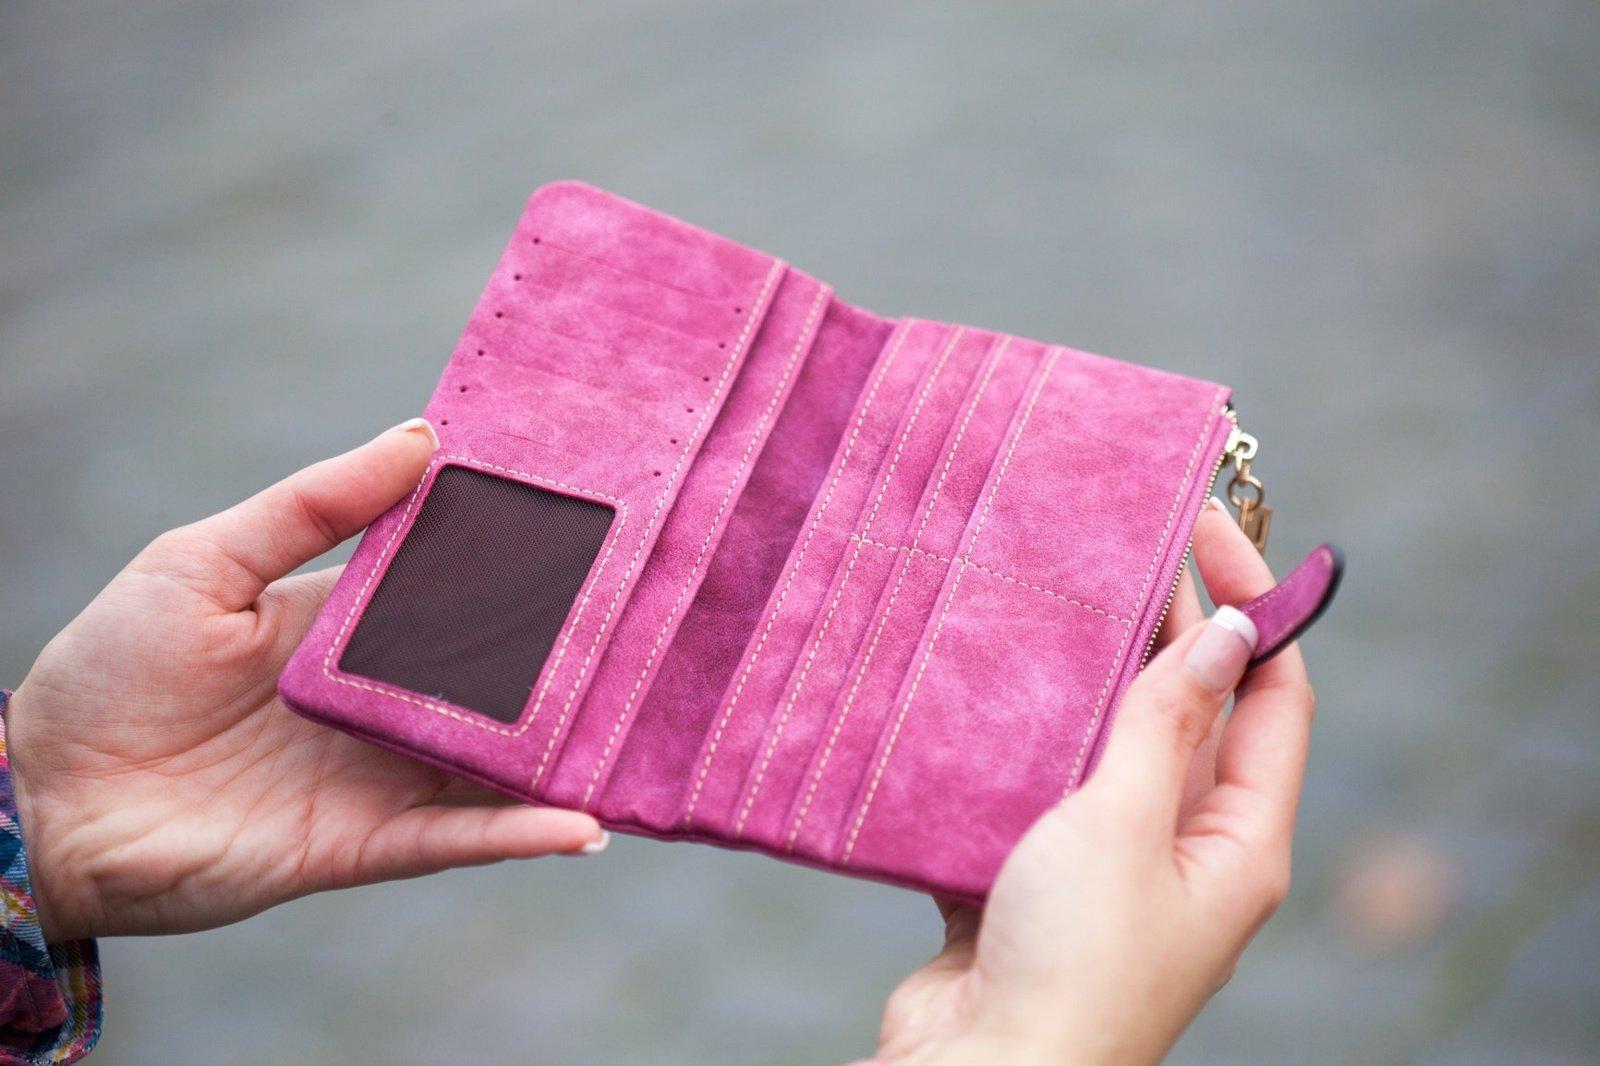 5 patarimai kaip grąžinti skolas, jeigu neturite pinigų